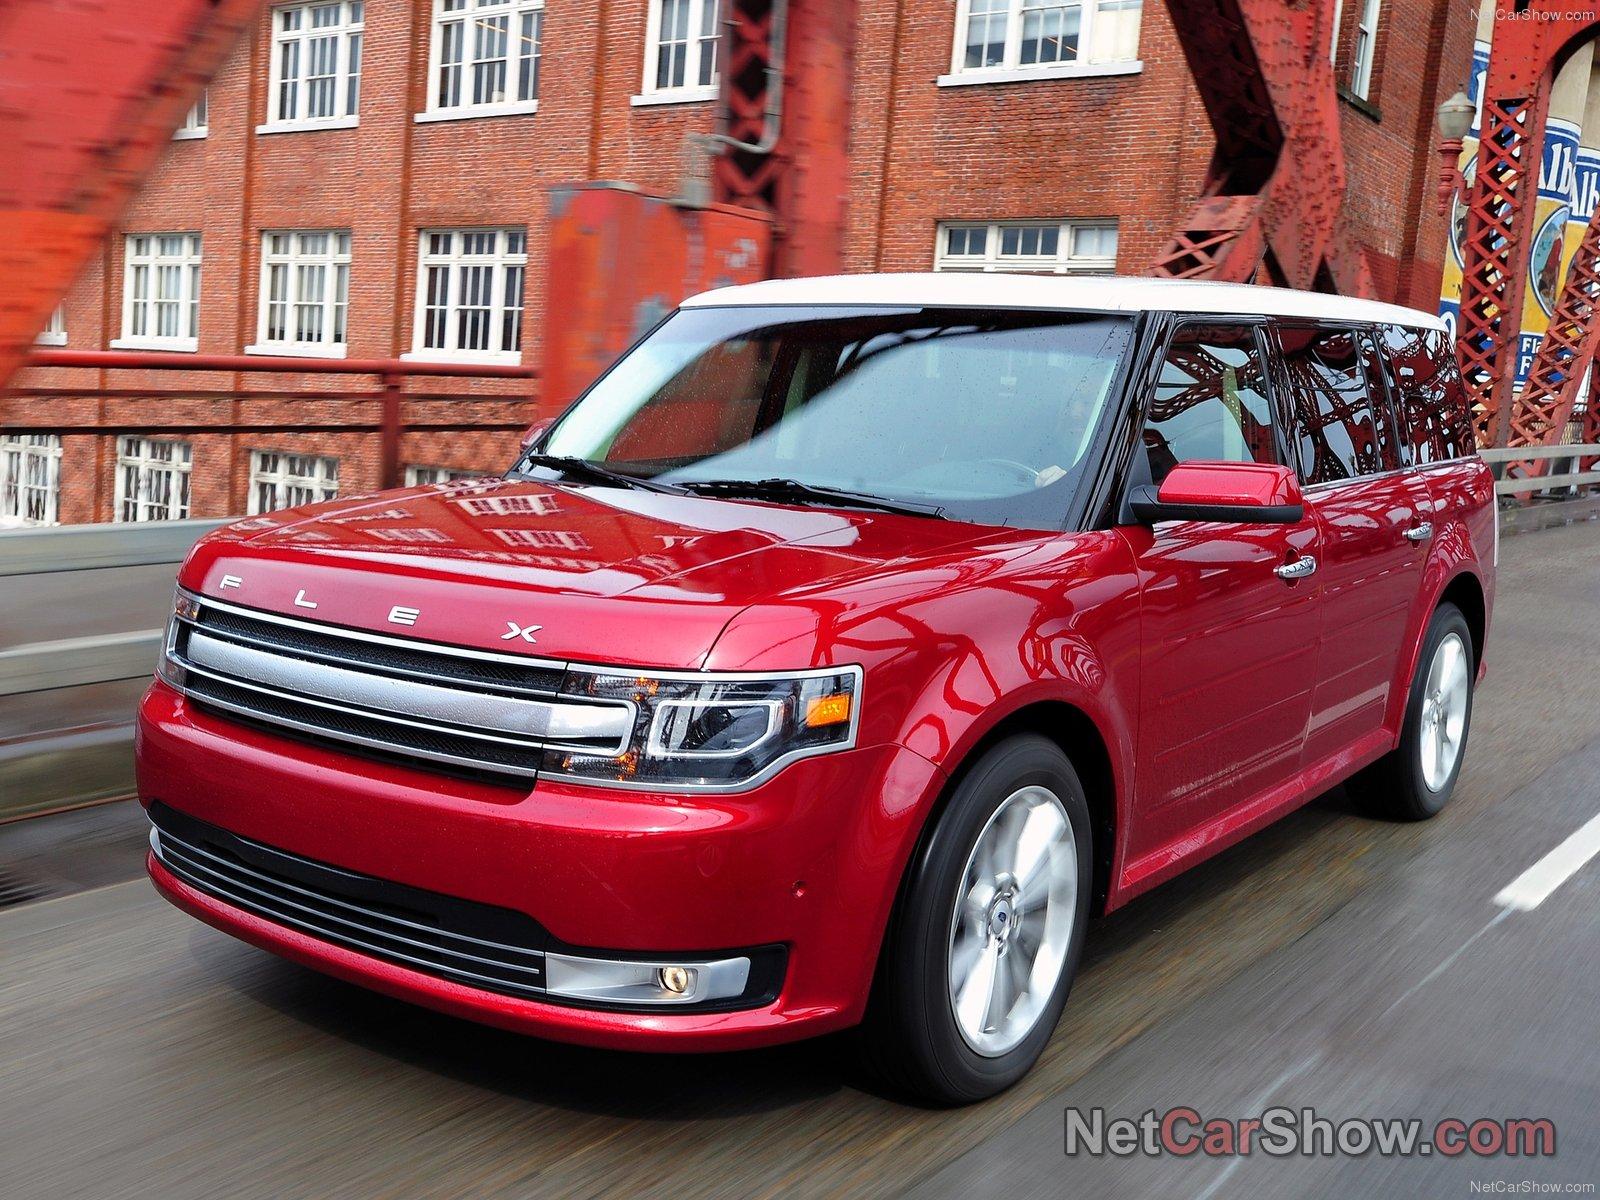 AUTO.RIA™ — Автобазар №1. Купить и продать авто легко как ...